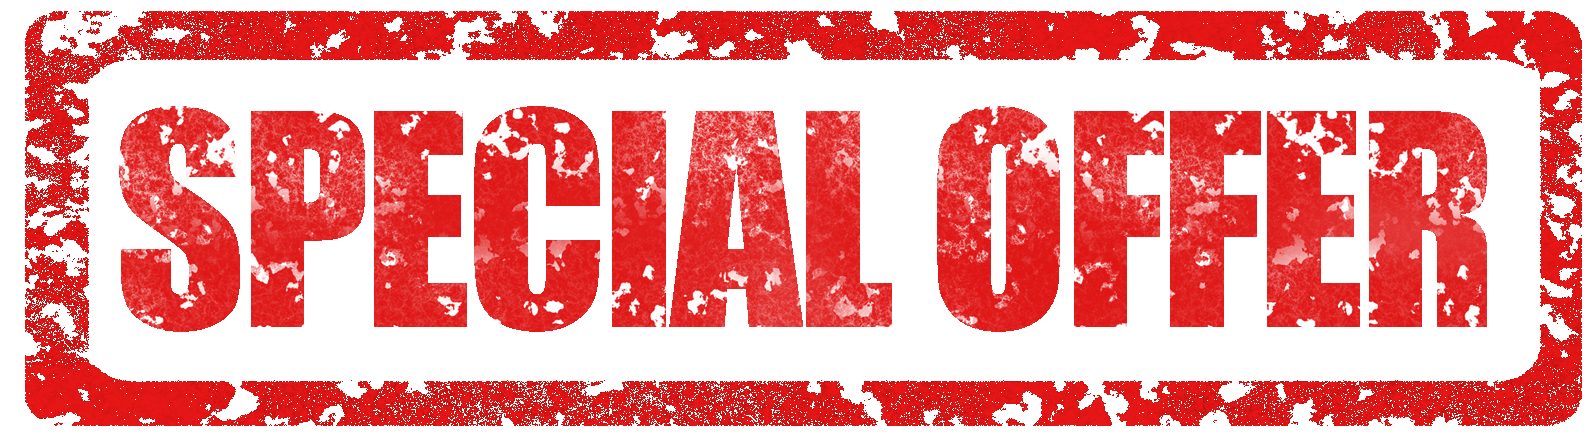 Dapatkan diskon hingga 90% + 22% off dengan promo spesial voucher online eksklusif di DiskonAja